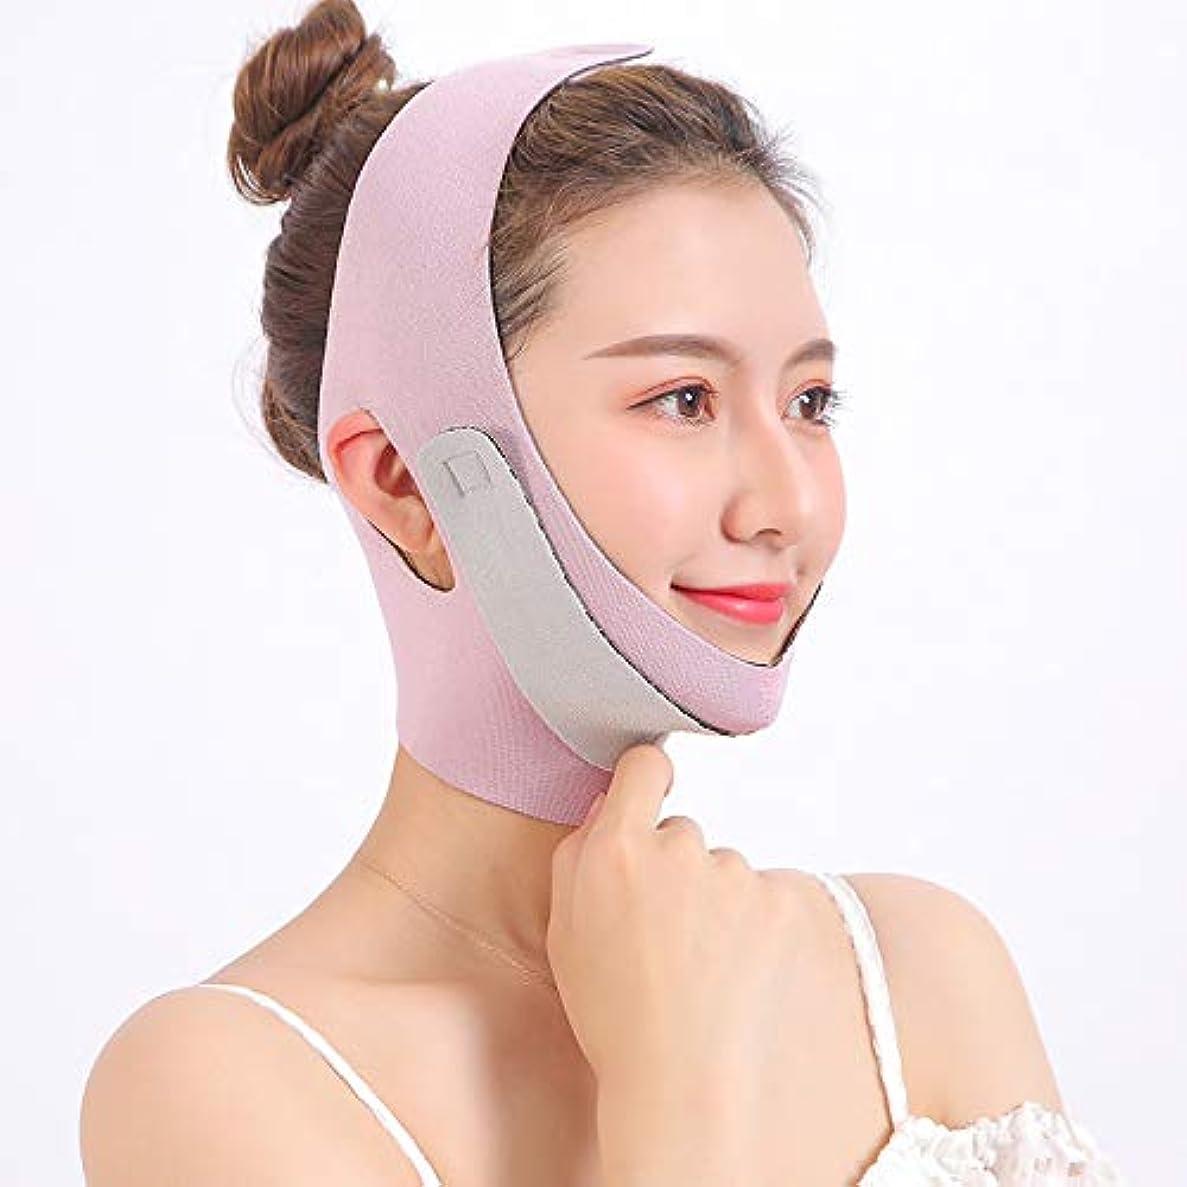 例音楽既に顔面重量損失顔包帯小さな v 顔薄いダブルあごリフトを引き締めアーティファクトシェーピングマスク睡眠フード薄い顔ベルト